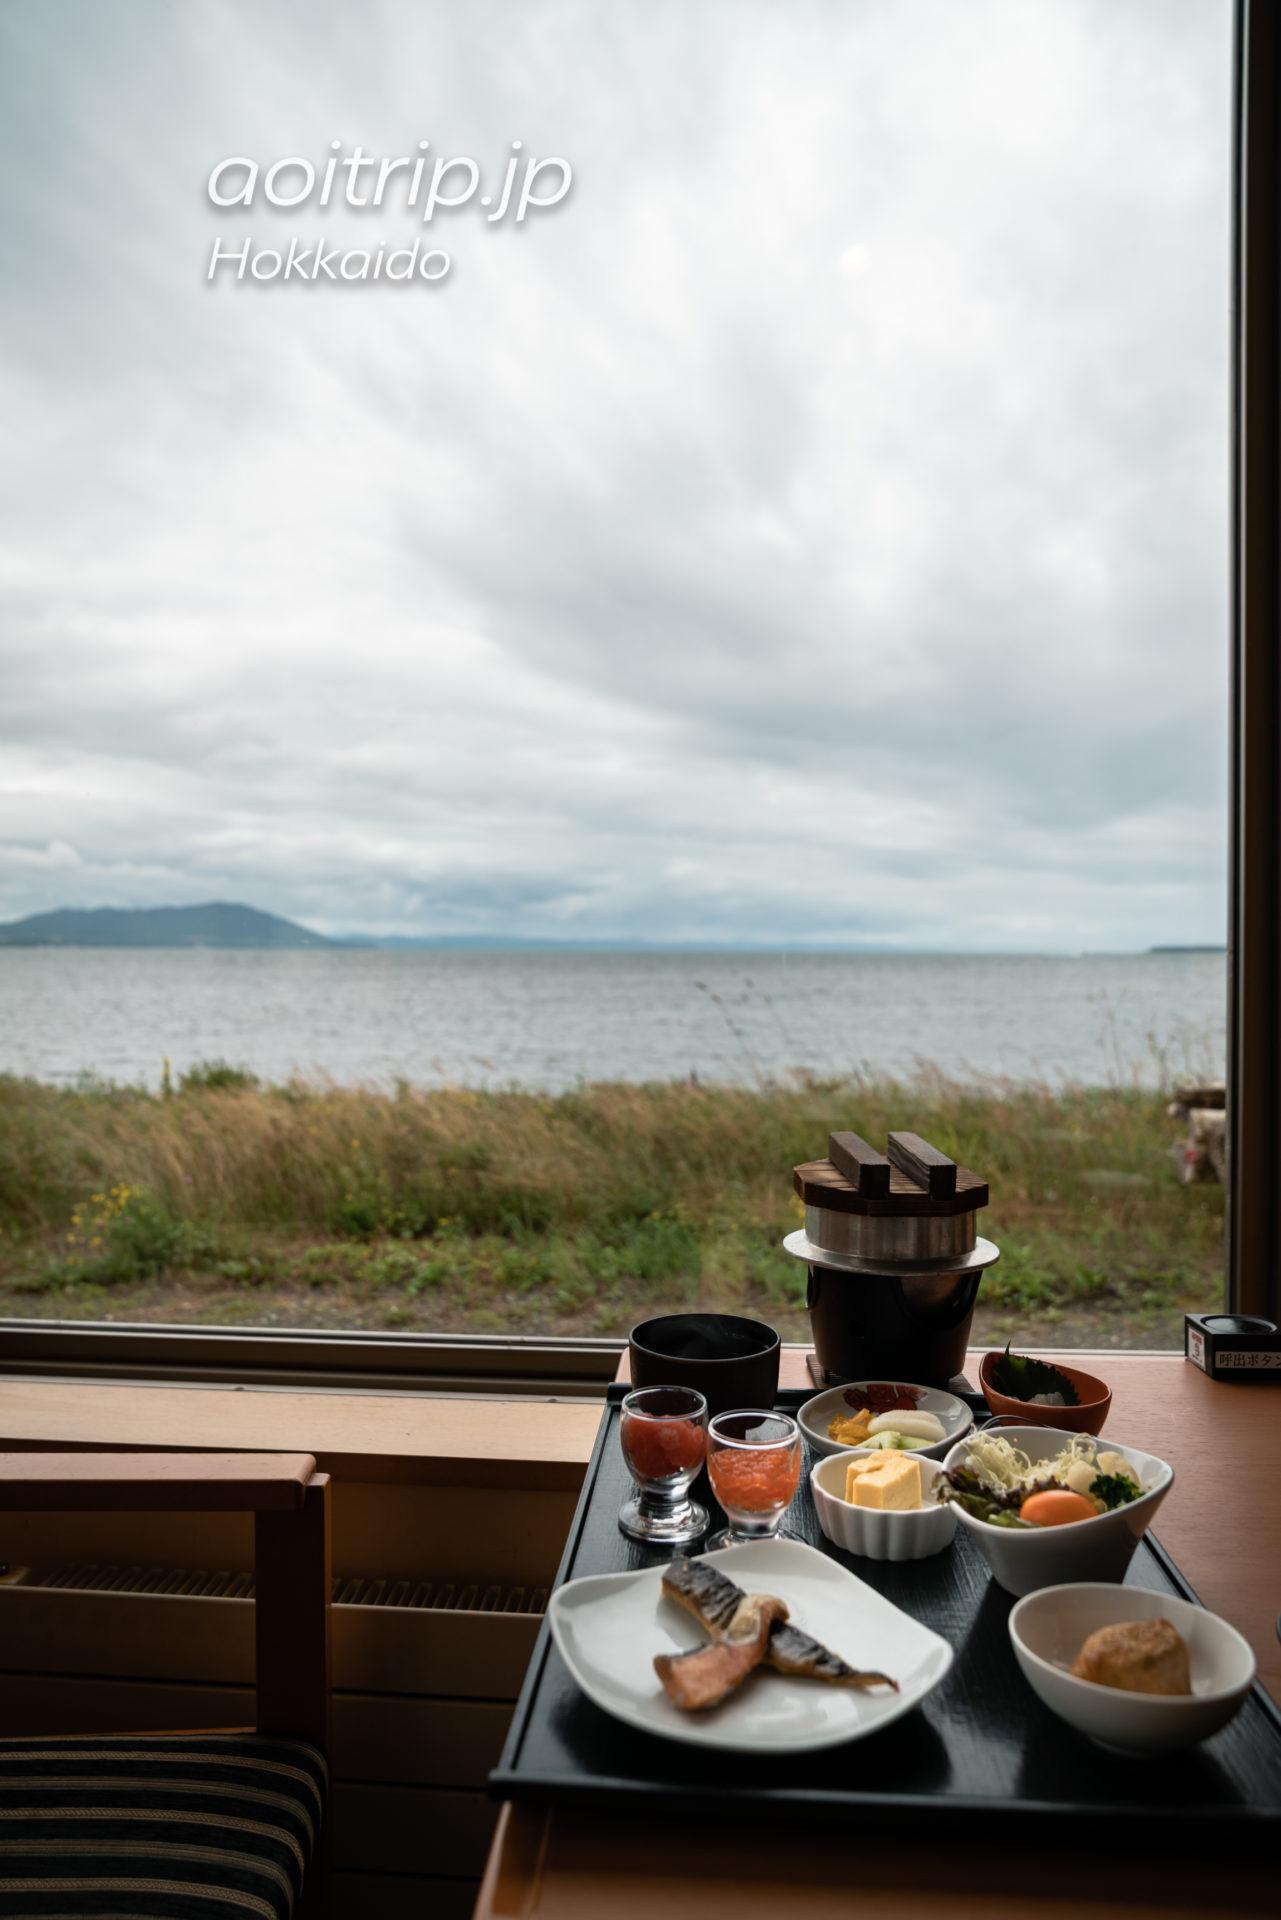 サロマ湖 鶴雅リゾートの朝食